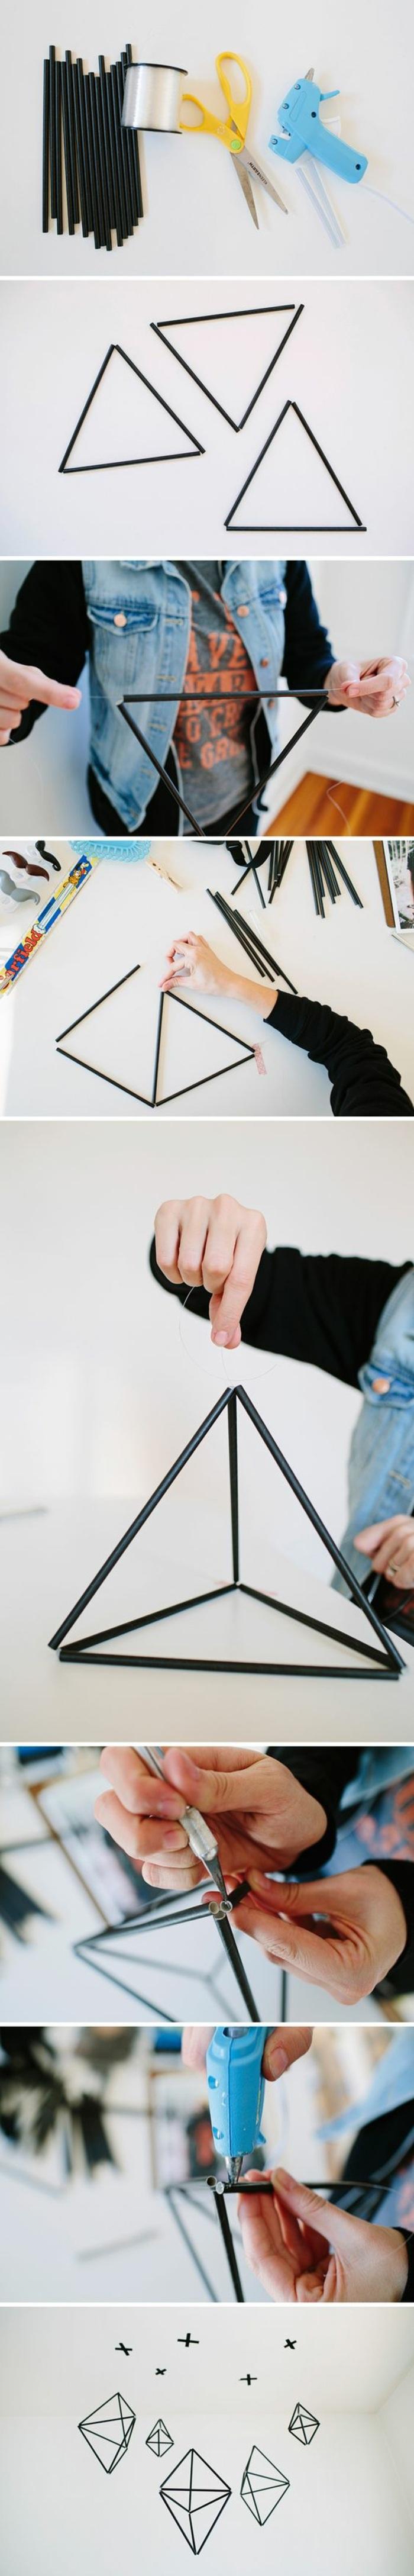 coole bastelideen - hängende geometrische figuren aus schwarzen röhren und angelleine